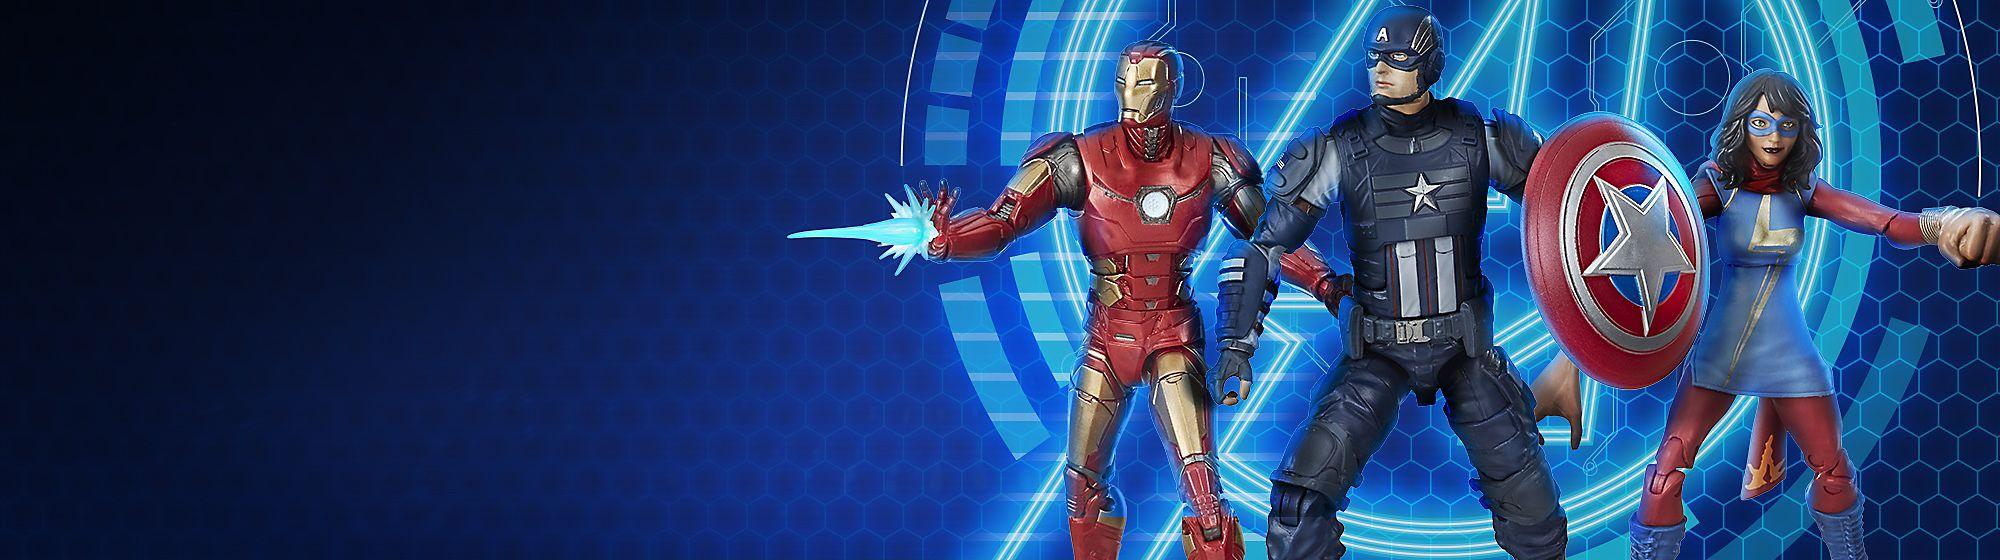 Marvels Avengers Gameverse Entdecke aufregende neue Produkte inspiriert von den beliebtesten Marvel Computerspielen